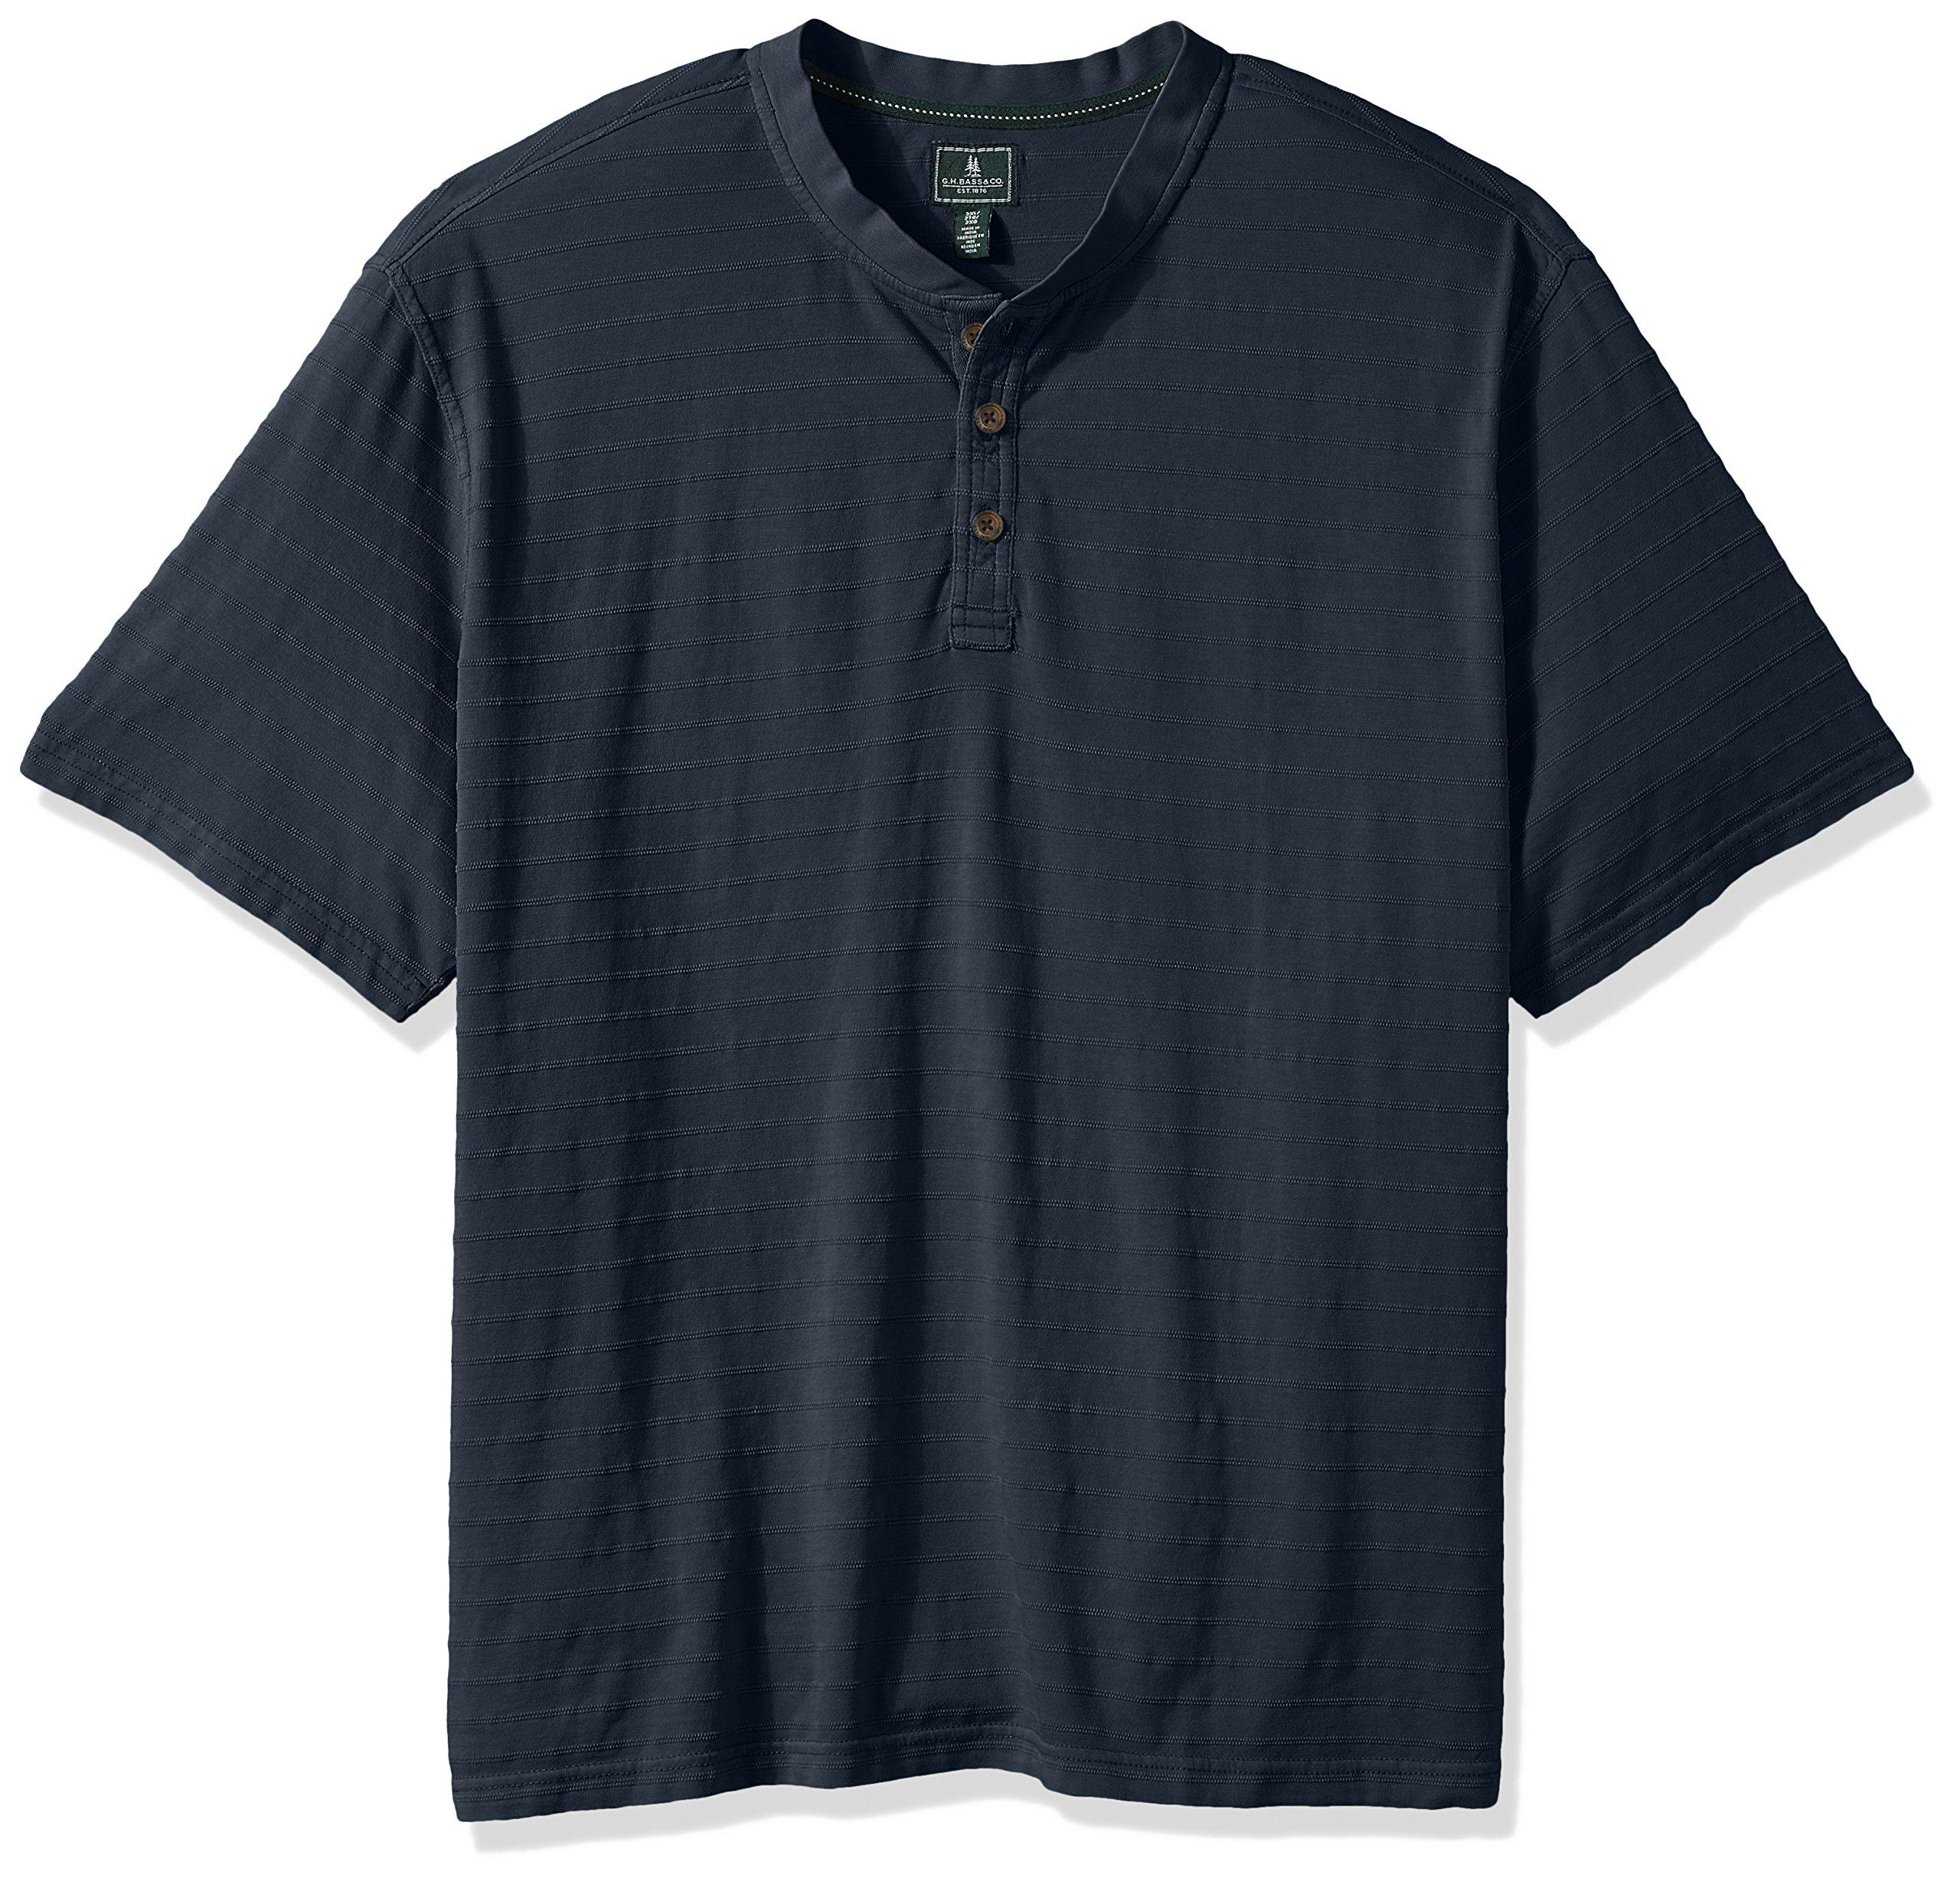 G.H. Bass & Co. Men's Tall Jack Mountain Jersey Short Sleeve Henley, Rich Navy Blazer, 4X-Large Big